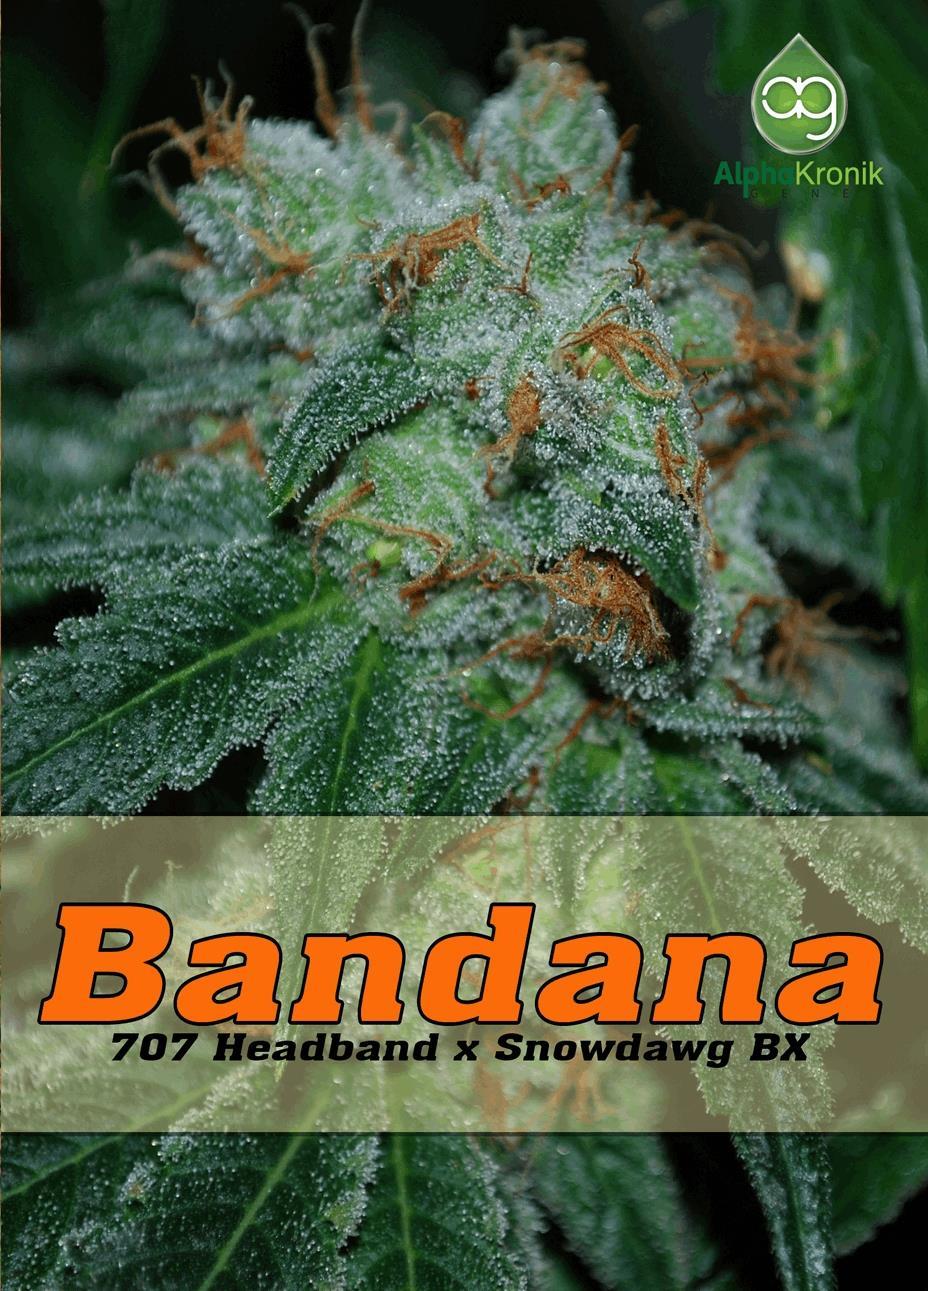 Bandana